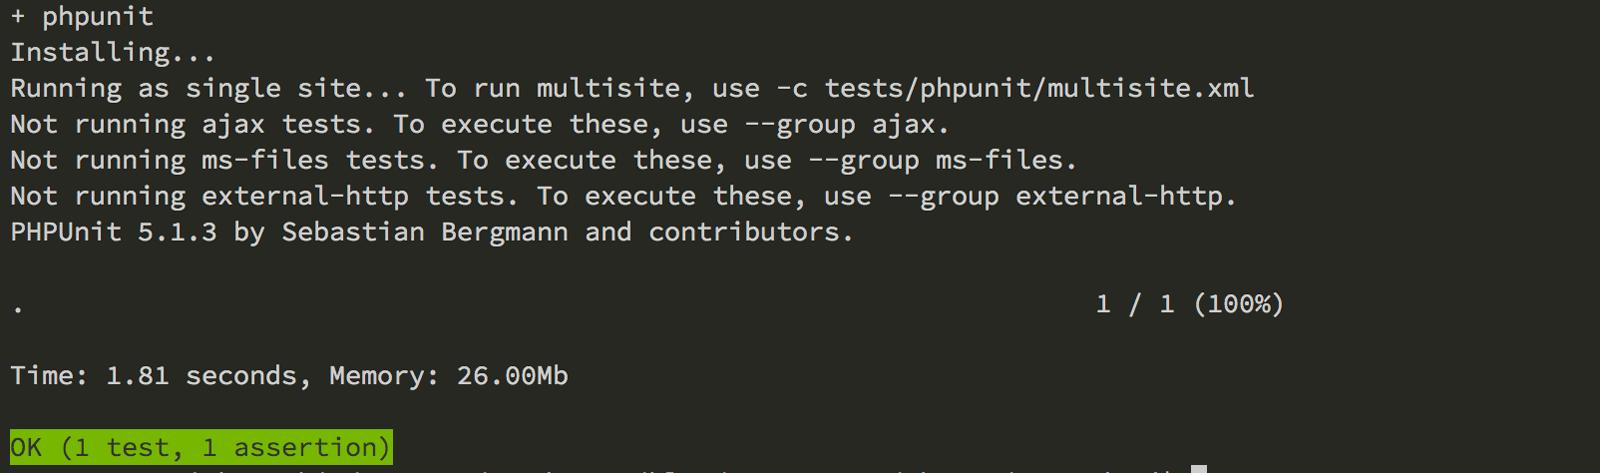 PHPUnitを実行して結果が返ってきた図